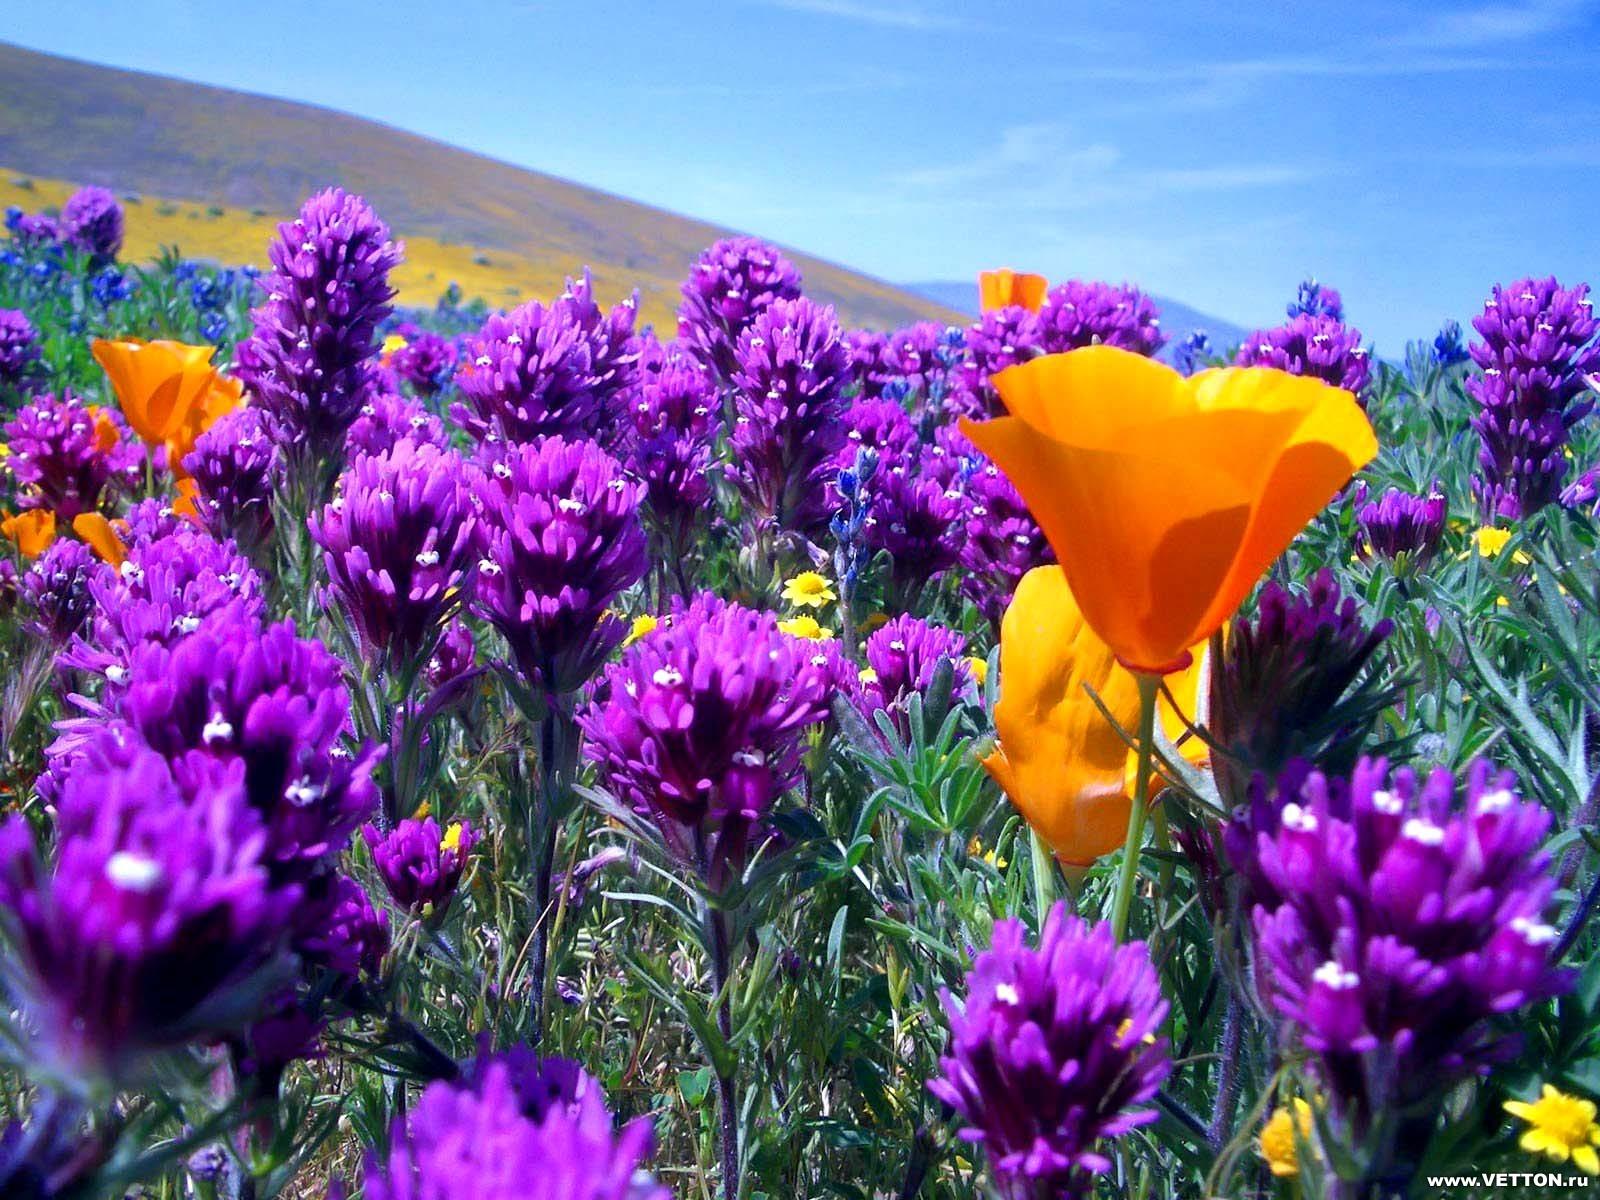 Beautiful Spring Flowers Wallpapers - WallpaperSafari